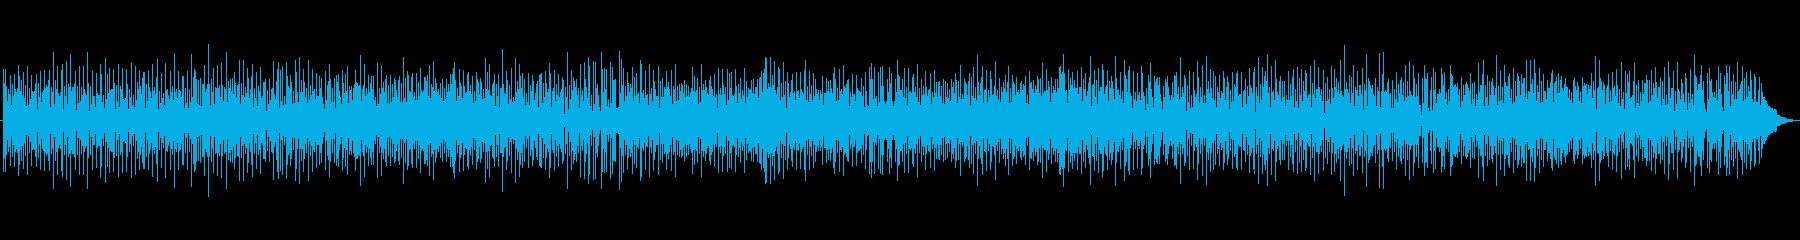 軽快なブルーグラスの再生済みの波形